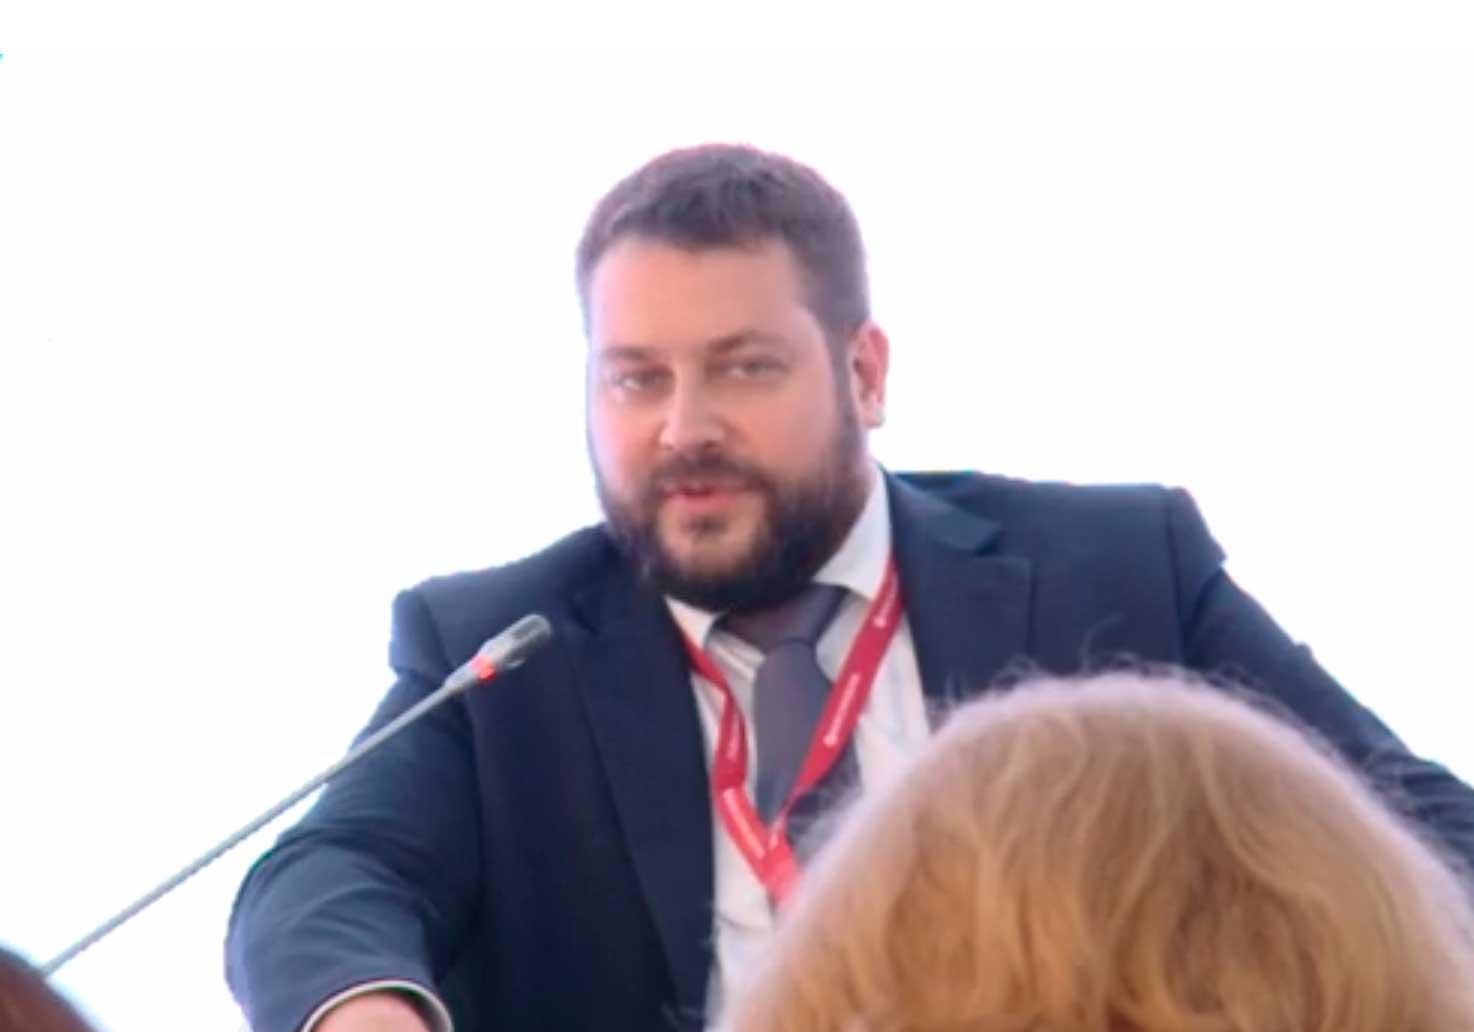 ПМЭФ'19: Иван Федотов выступил на Петербургском международном экономическом форуме